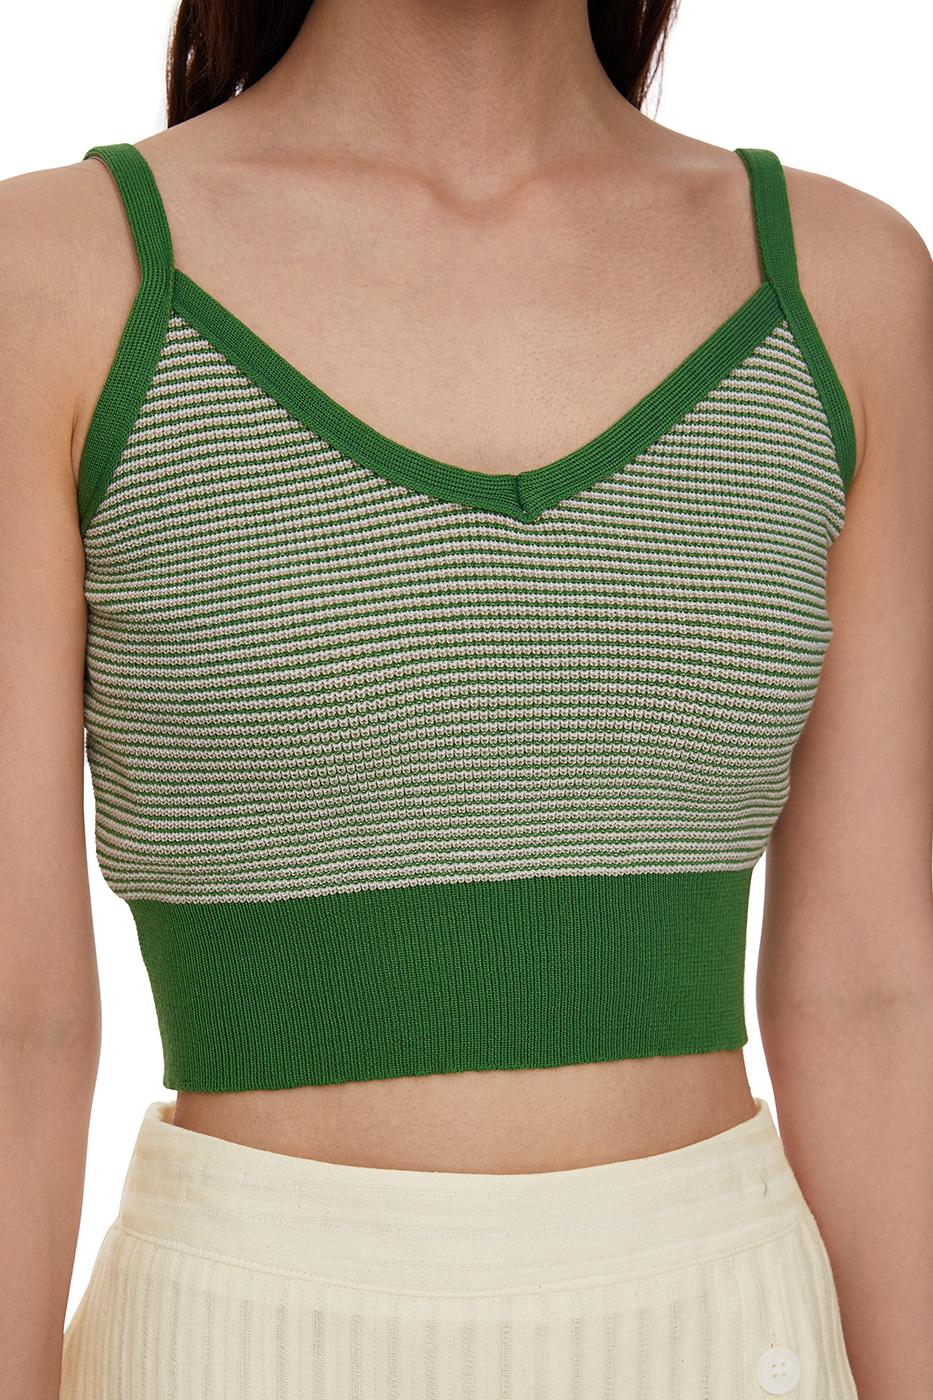 Under Striped Knitwear Top